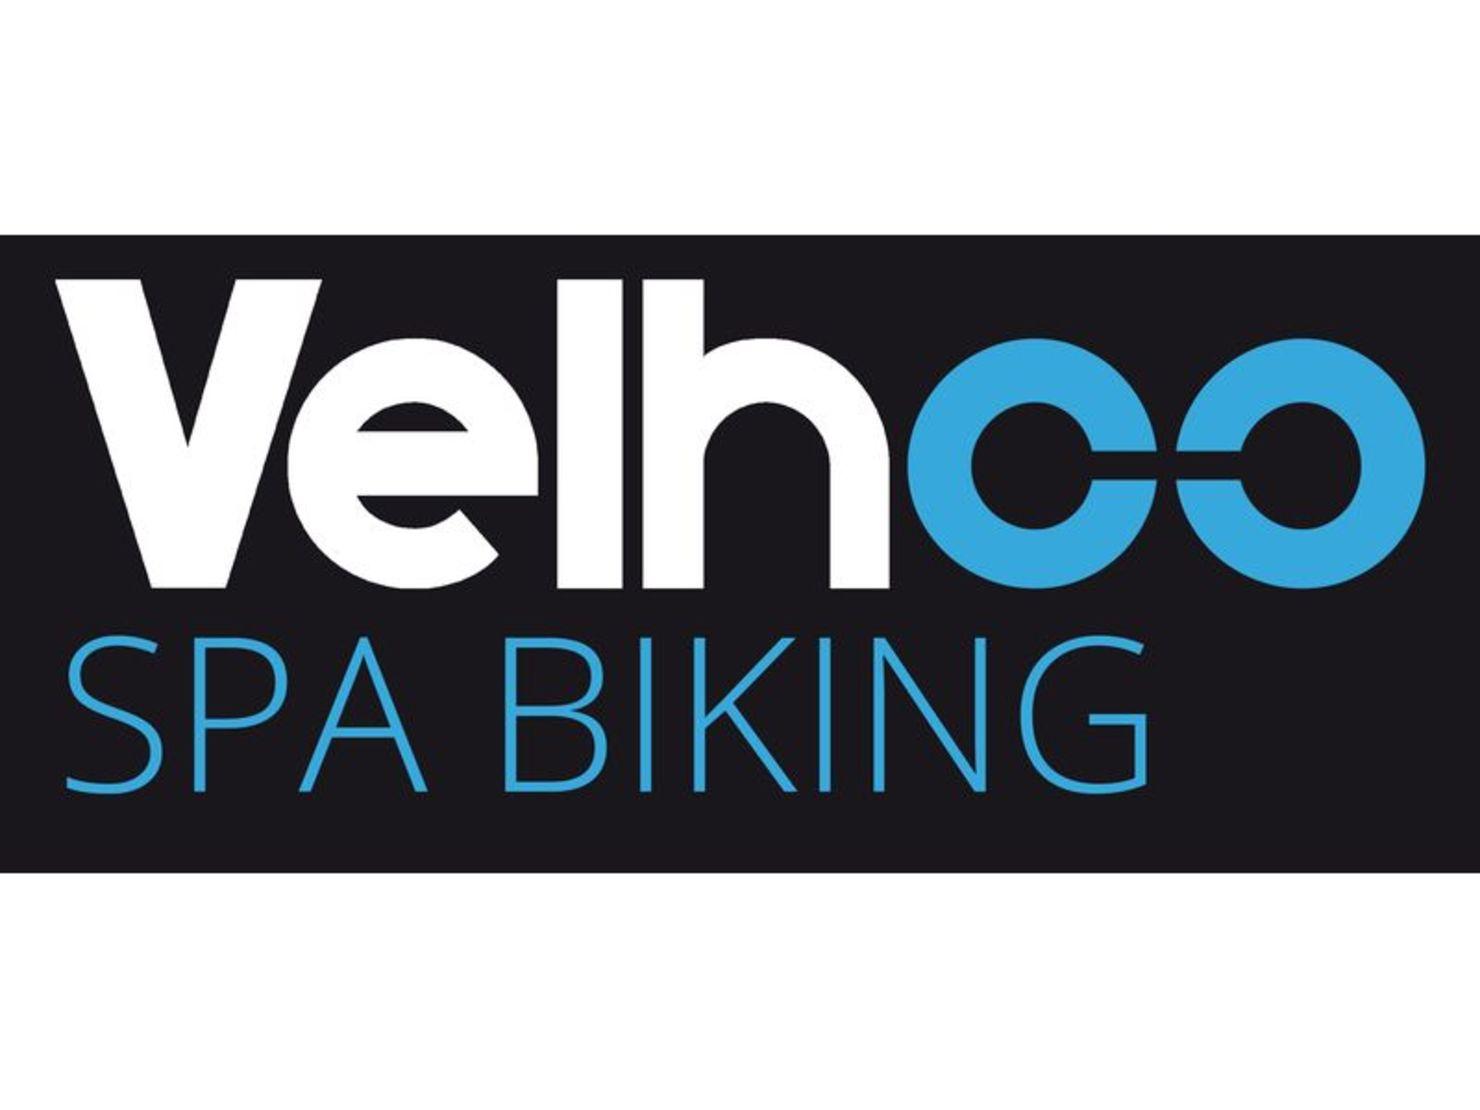 Velhoo Spa biking